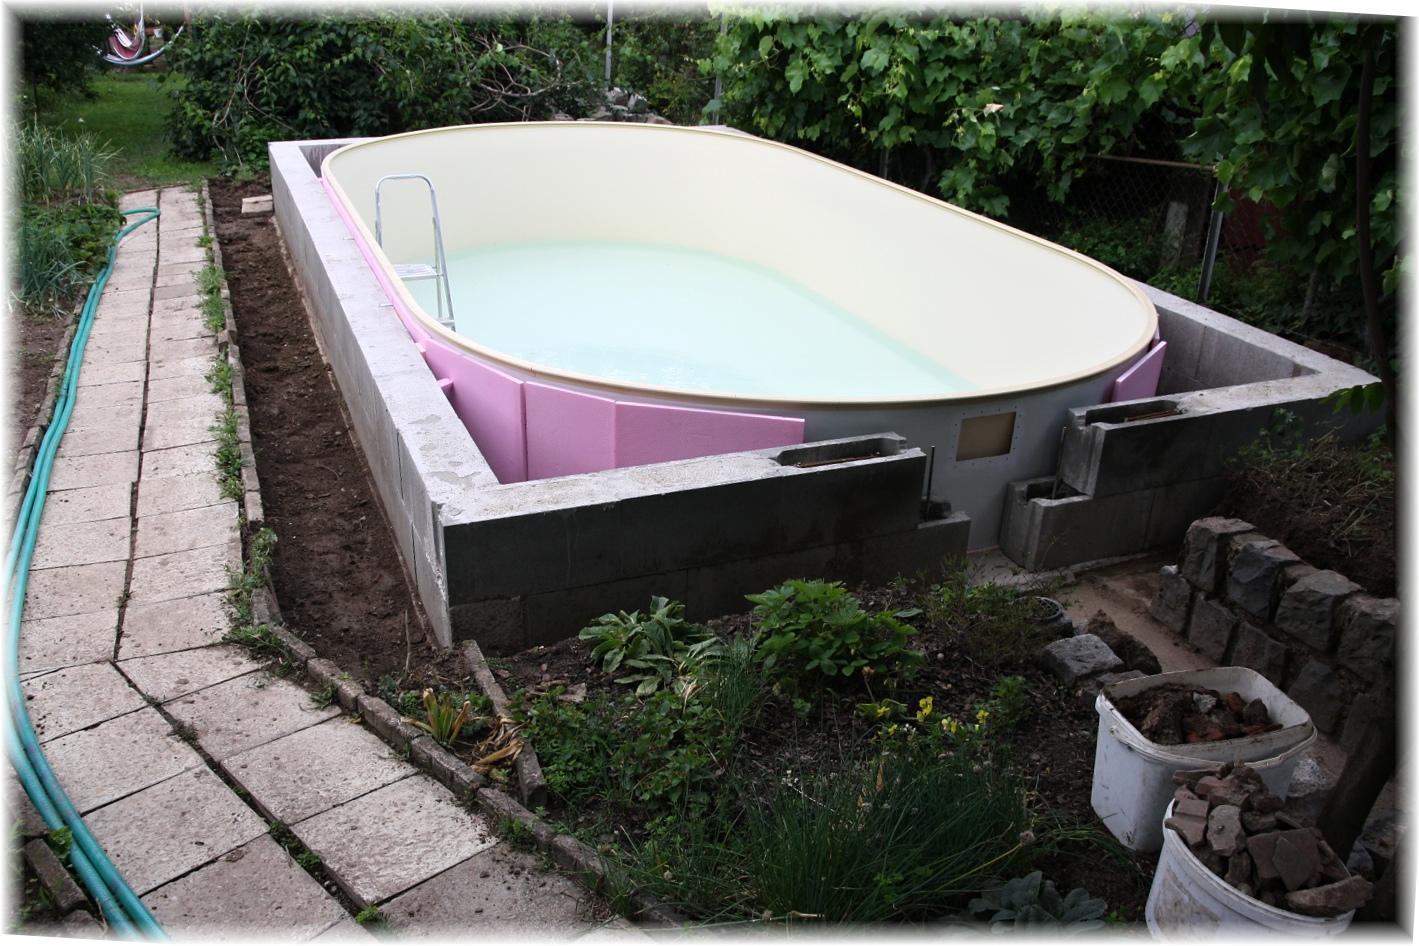 Vlastníma rukama - ze skleníku bazén - včera začal manžel kopat díry na trubky